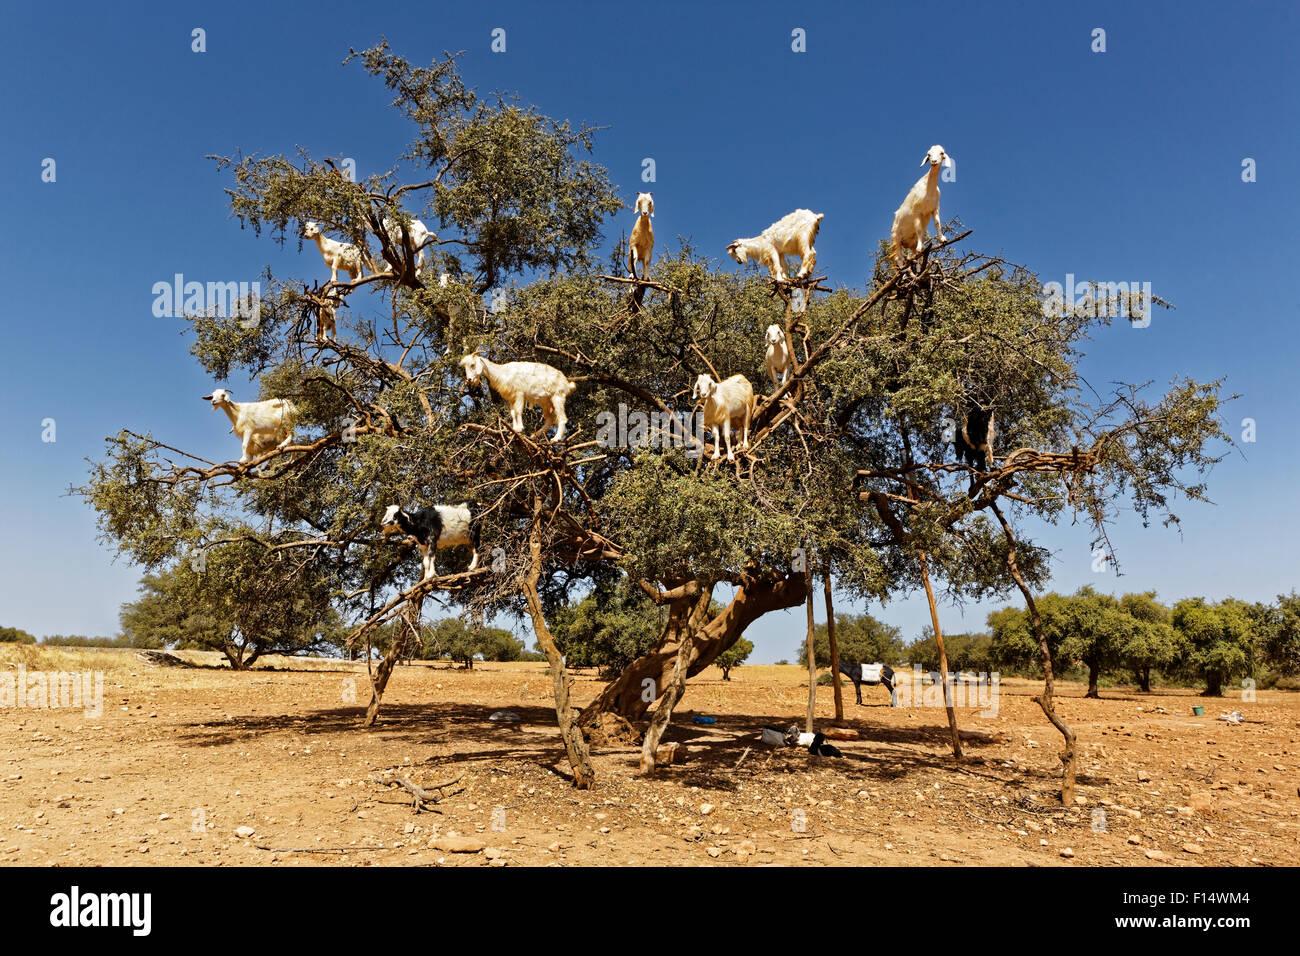 Árboles de argán y las cabras en el camino entre Essaouira y Marrakech en Marruecos.El aceite de argán Imagen De Stock